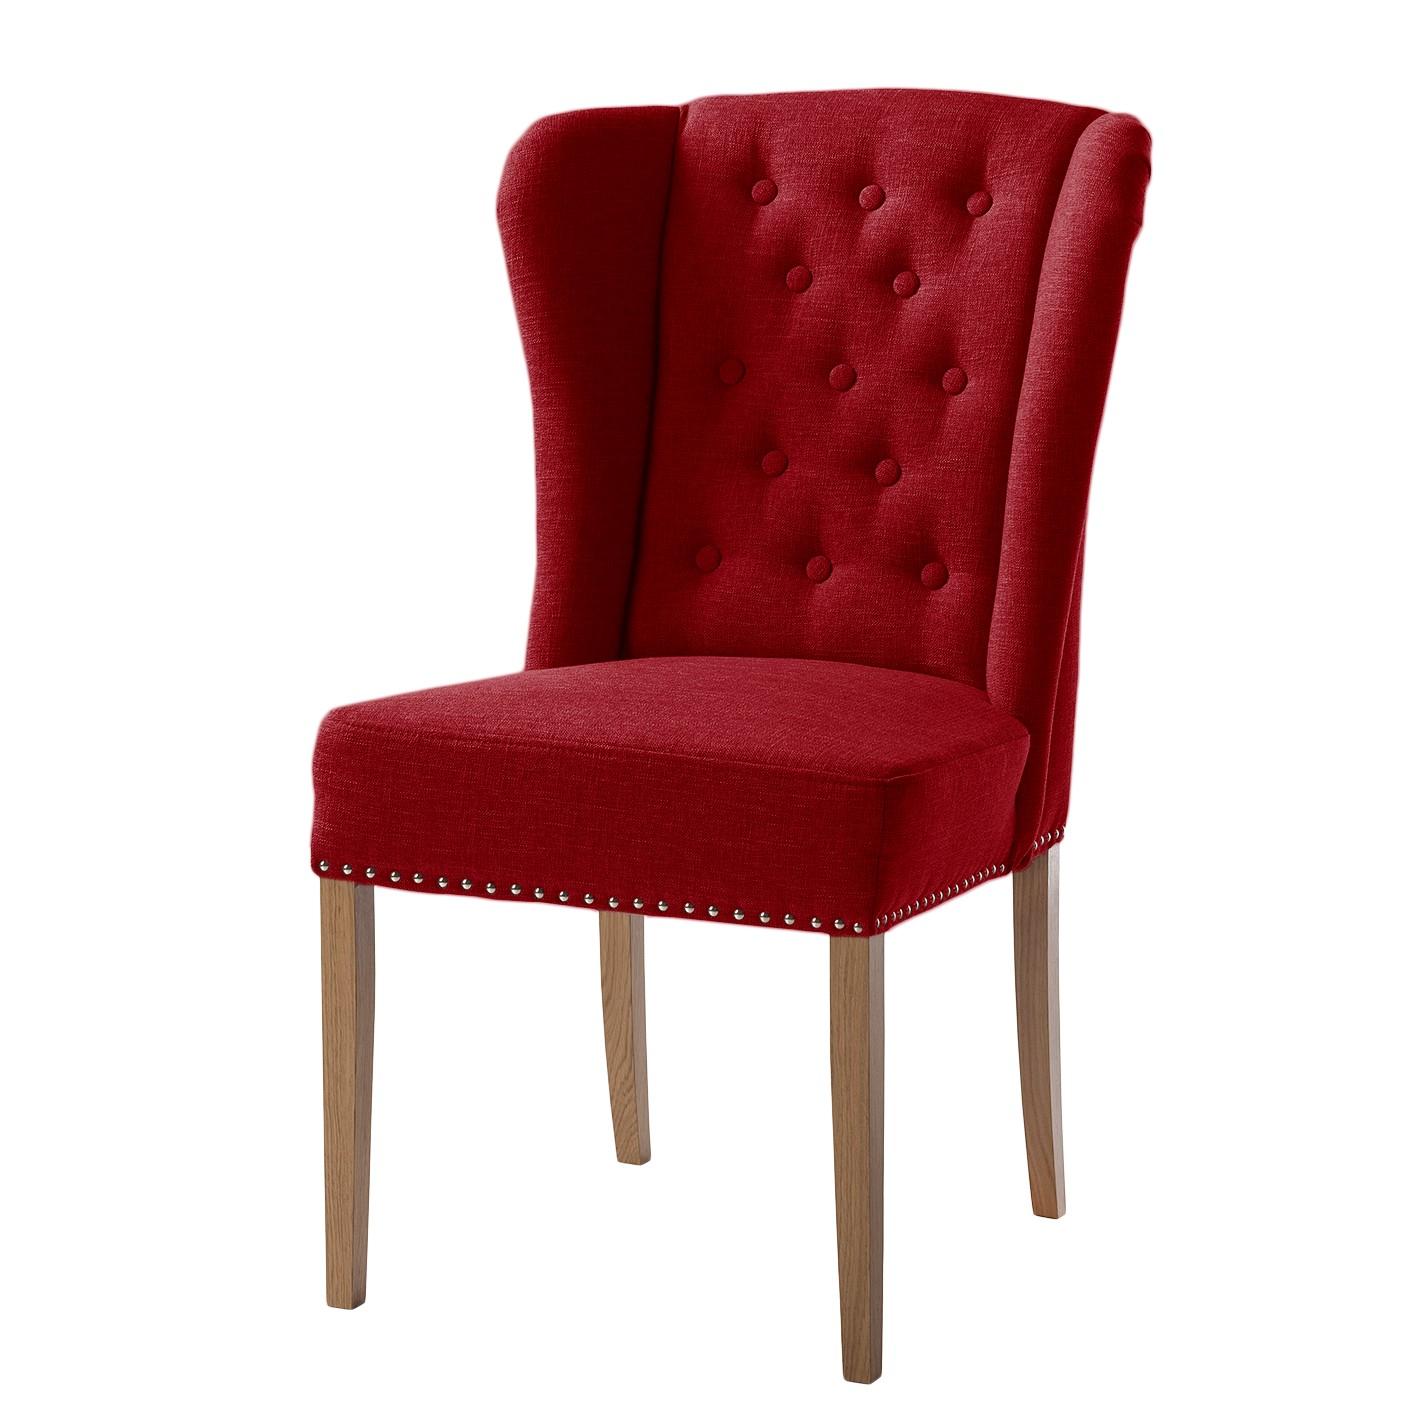 Gestoffeerde stoel Lerona - geweven stof/massief beukenhout - Rood, Maison Belfort